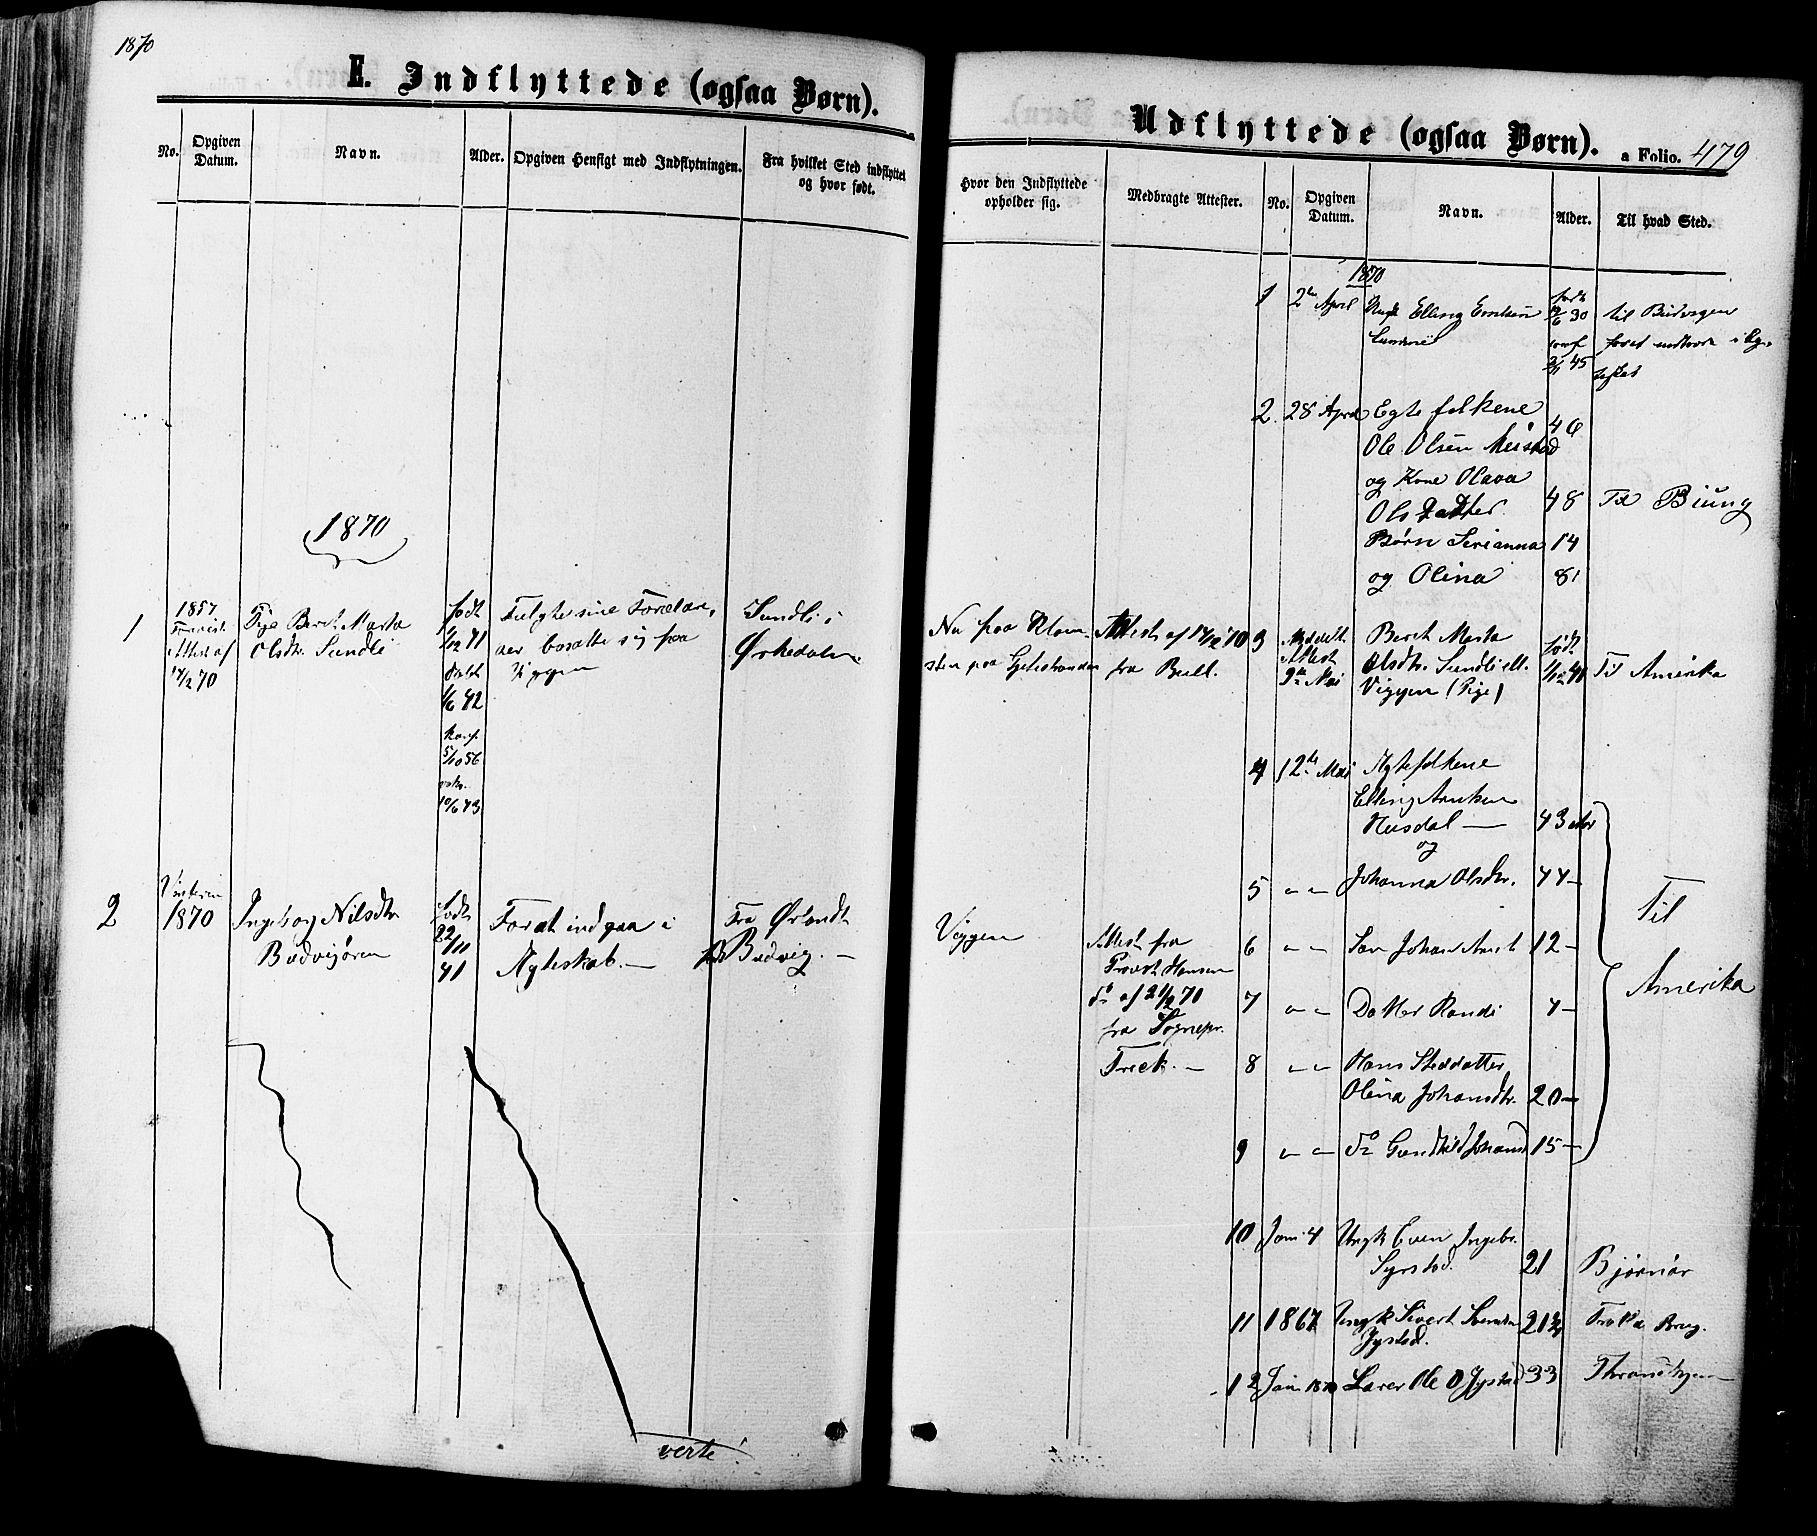 SAT, Ministerialprotokoller, klokkerbøker og fødselsregistre - Sør-Trøndelag, 665/L0772: Ministerialbok nr. 665A07, 1856-1878, s. 479